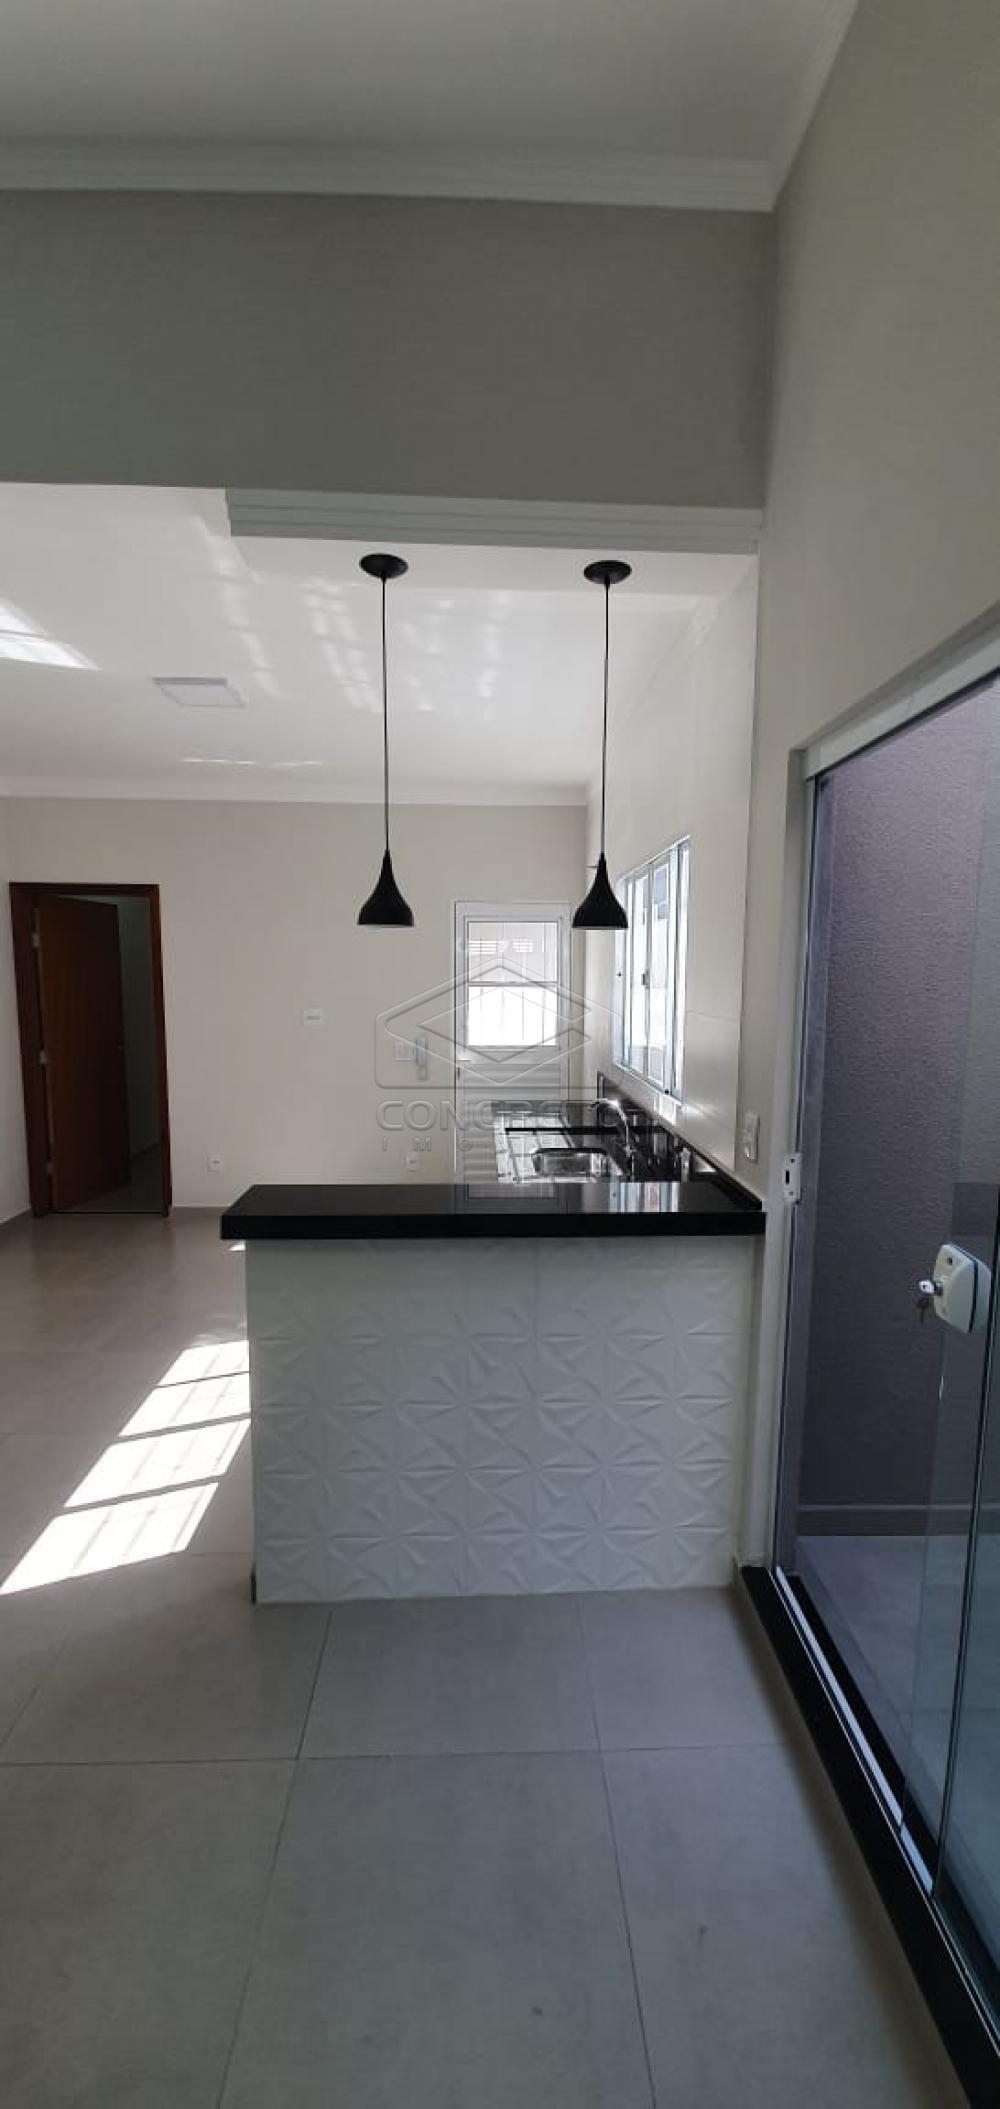 Comprar Casa / Padrão em Bauru R$ 350.000,00 - Foto 9